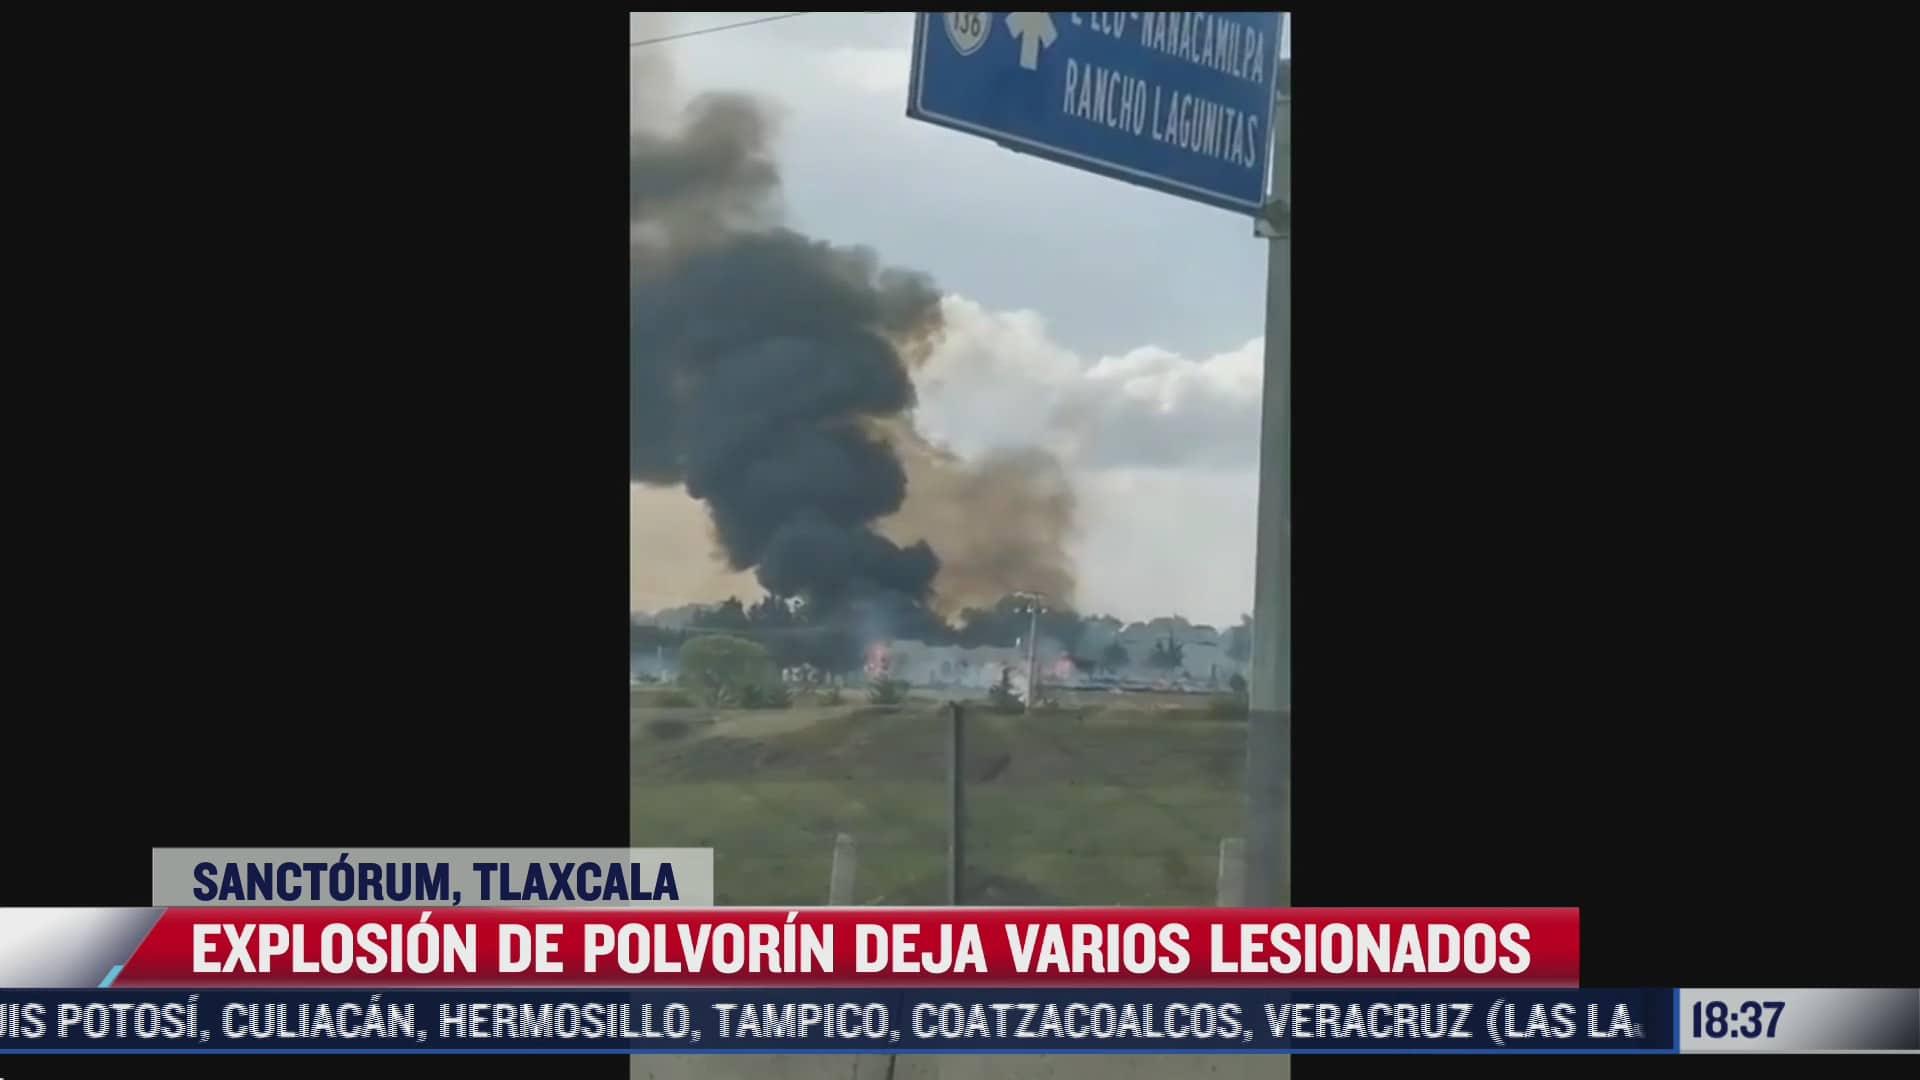 se registra explosion por polvorin en tlaxcala hay 15 heridos